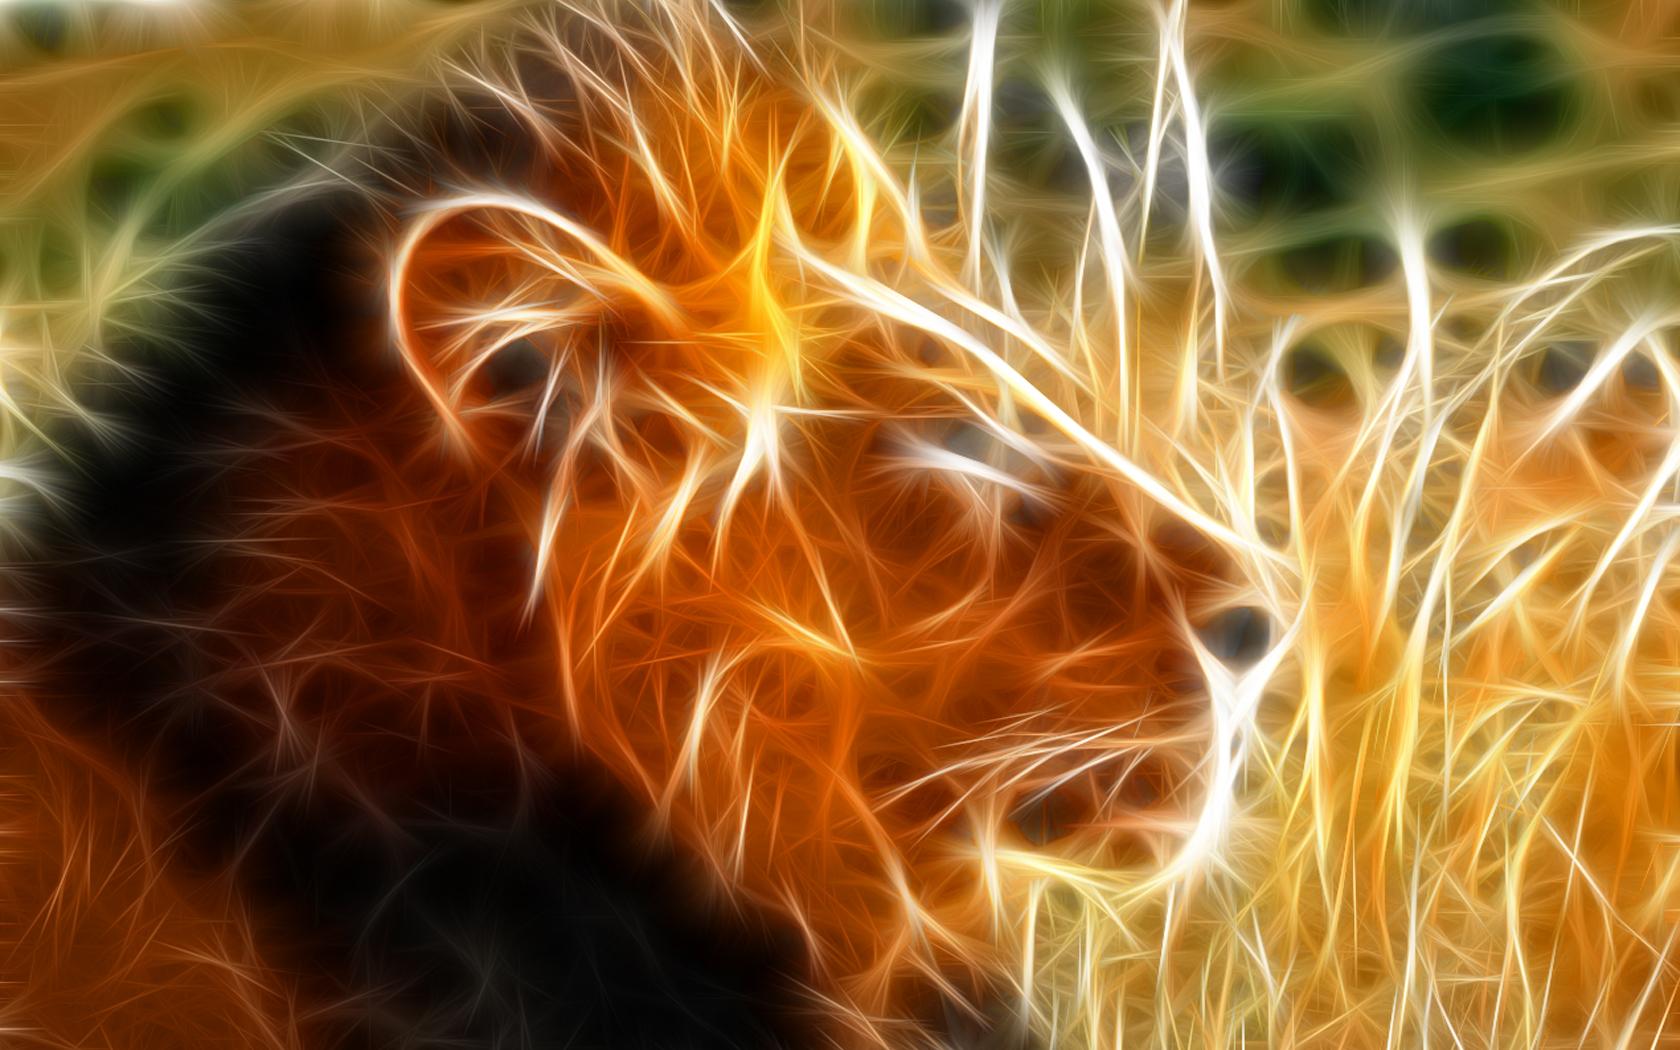 обои на рабочий стол, львы, лев, скачать бесплатно и без регистрации